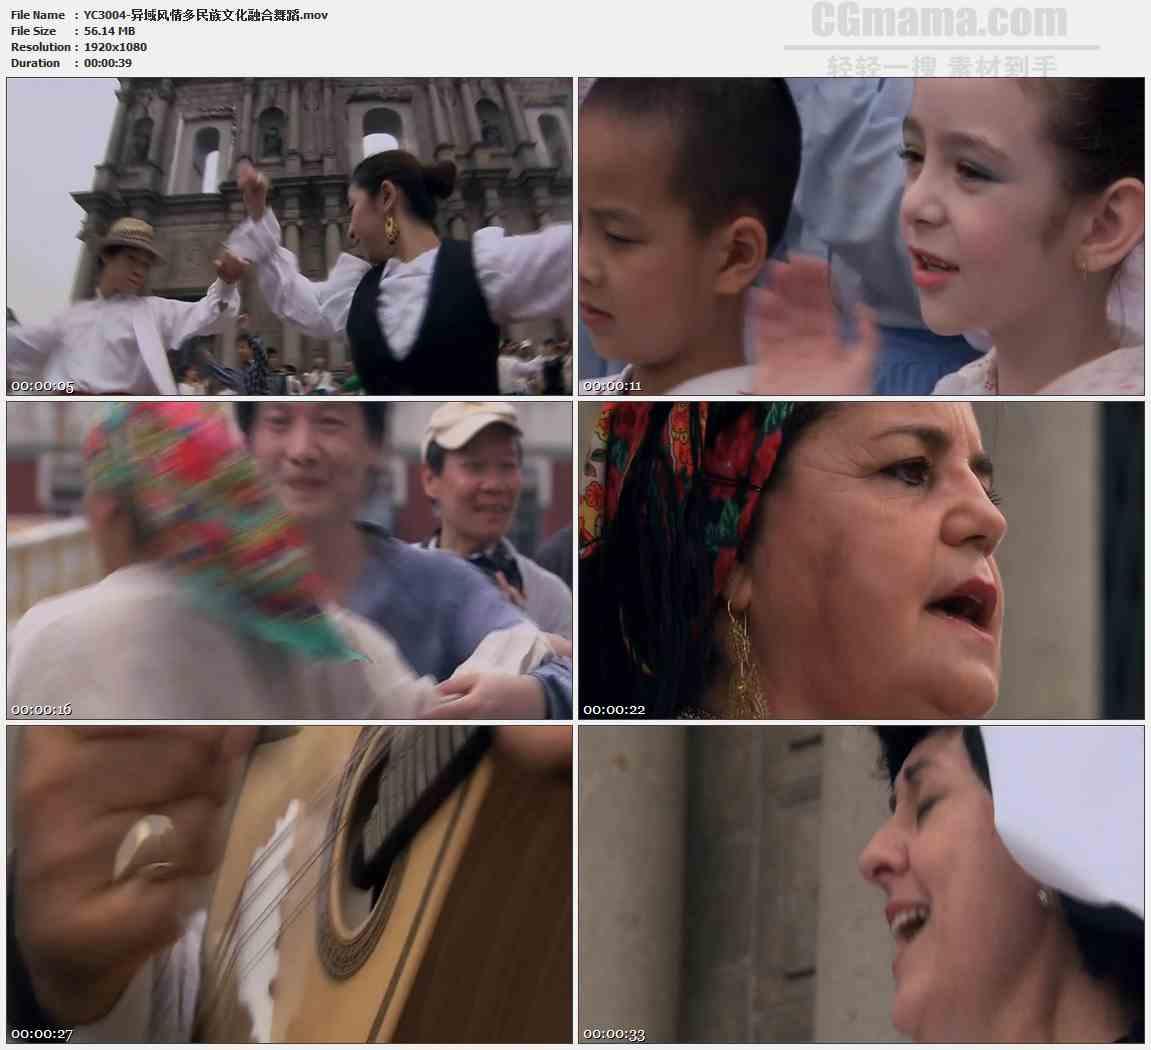 YC3004-异域风情多民族文化融合舞蹈高清实拍视频素材